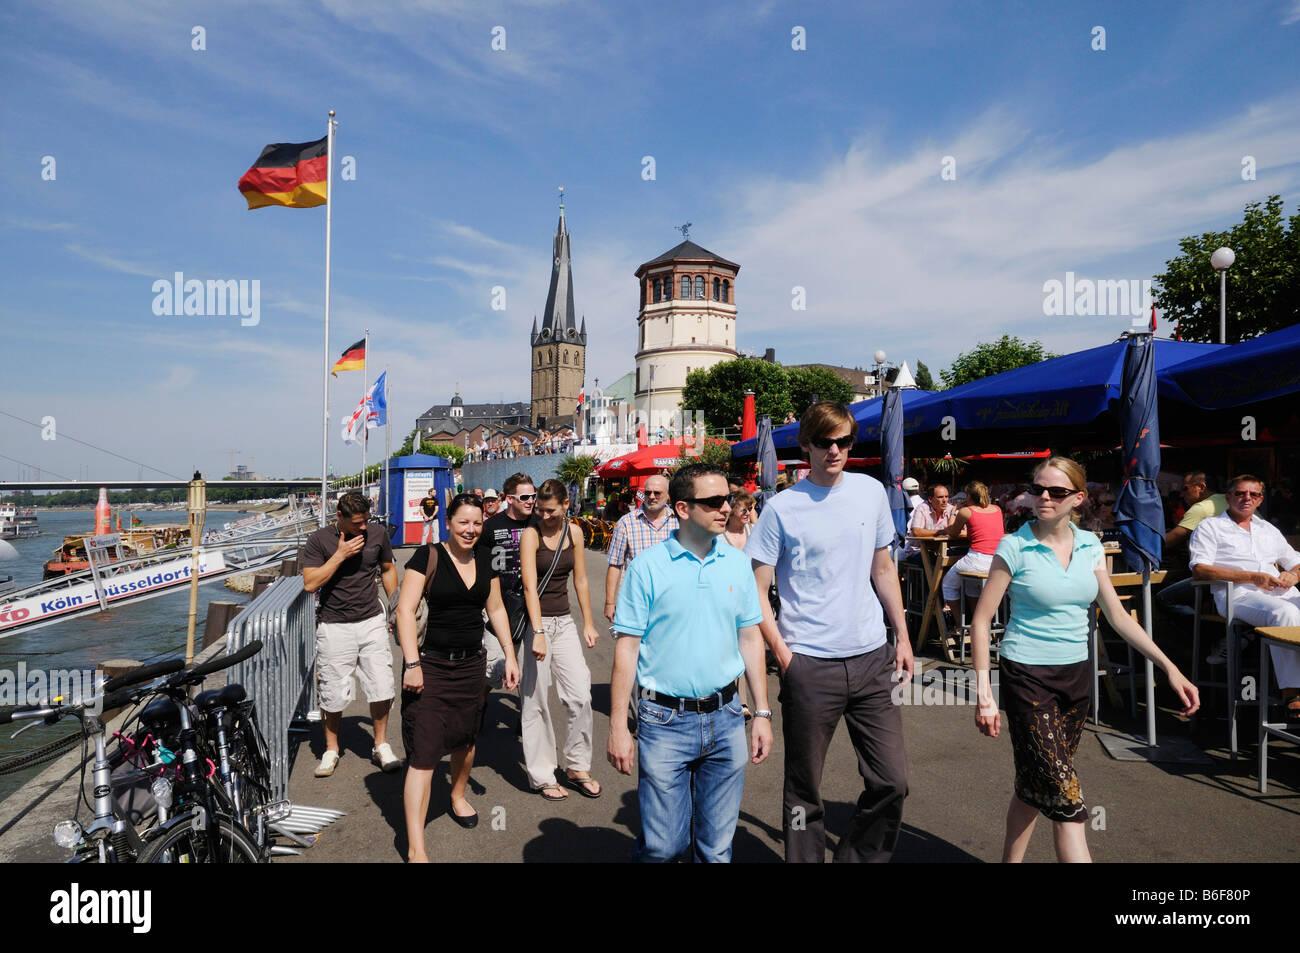 Young people on Duesseldorf's Rhine River waterside promenade, Duesseldorf, North Rhine-Westphalia, Germany, - Stock Image